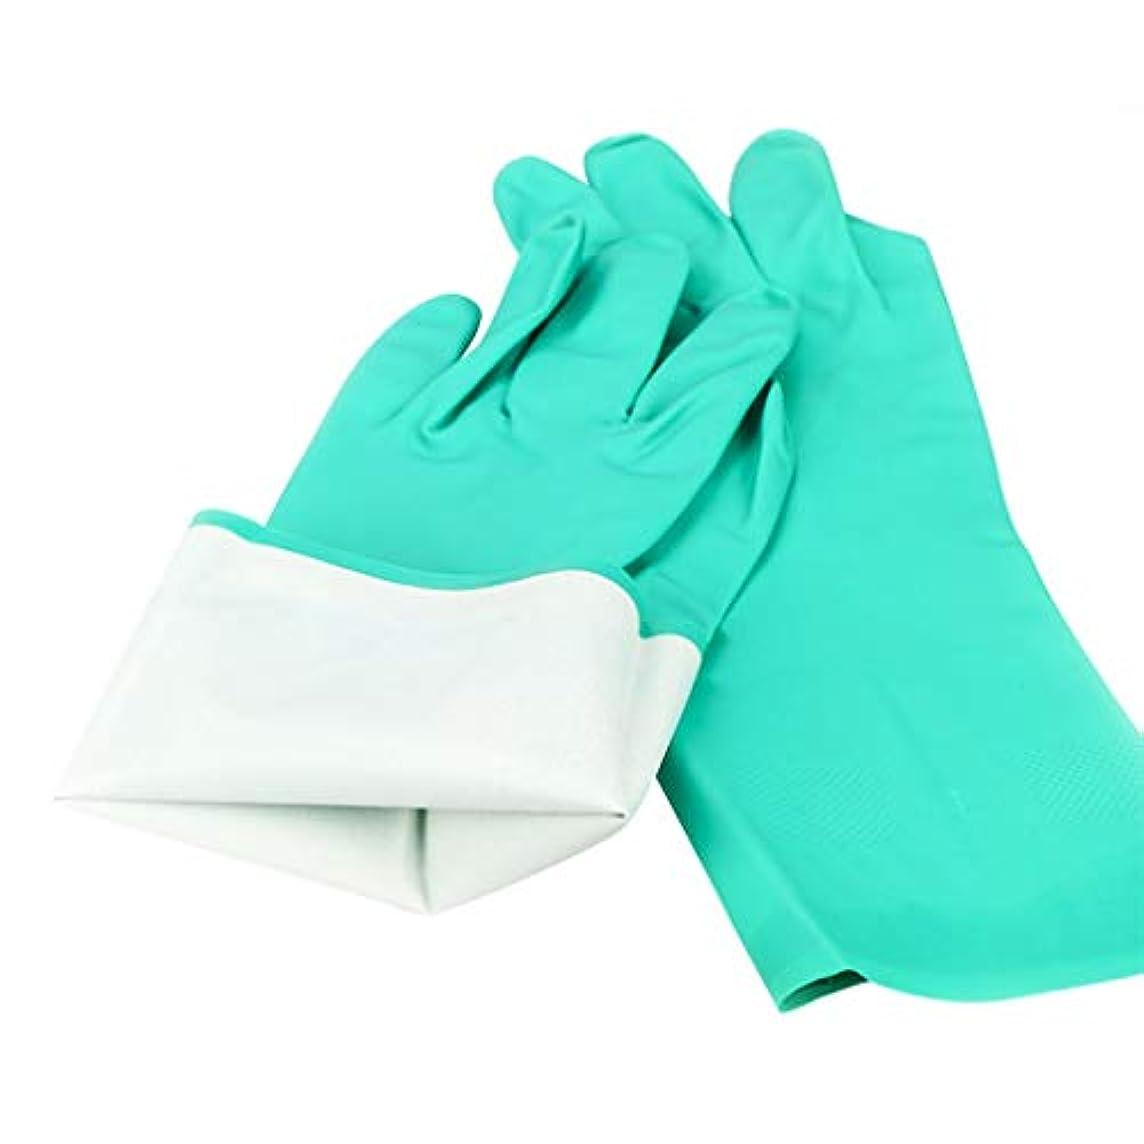 気晴らしリネン太い5ペア耐油性ニトリルゴム手袋 - 耐摩耗性耐油性滑り止め安全衛生丈夫な工業用保護 YANW (色 : 緑, サイズ さいず : L l)